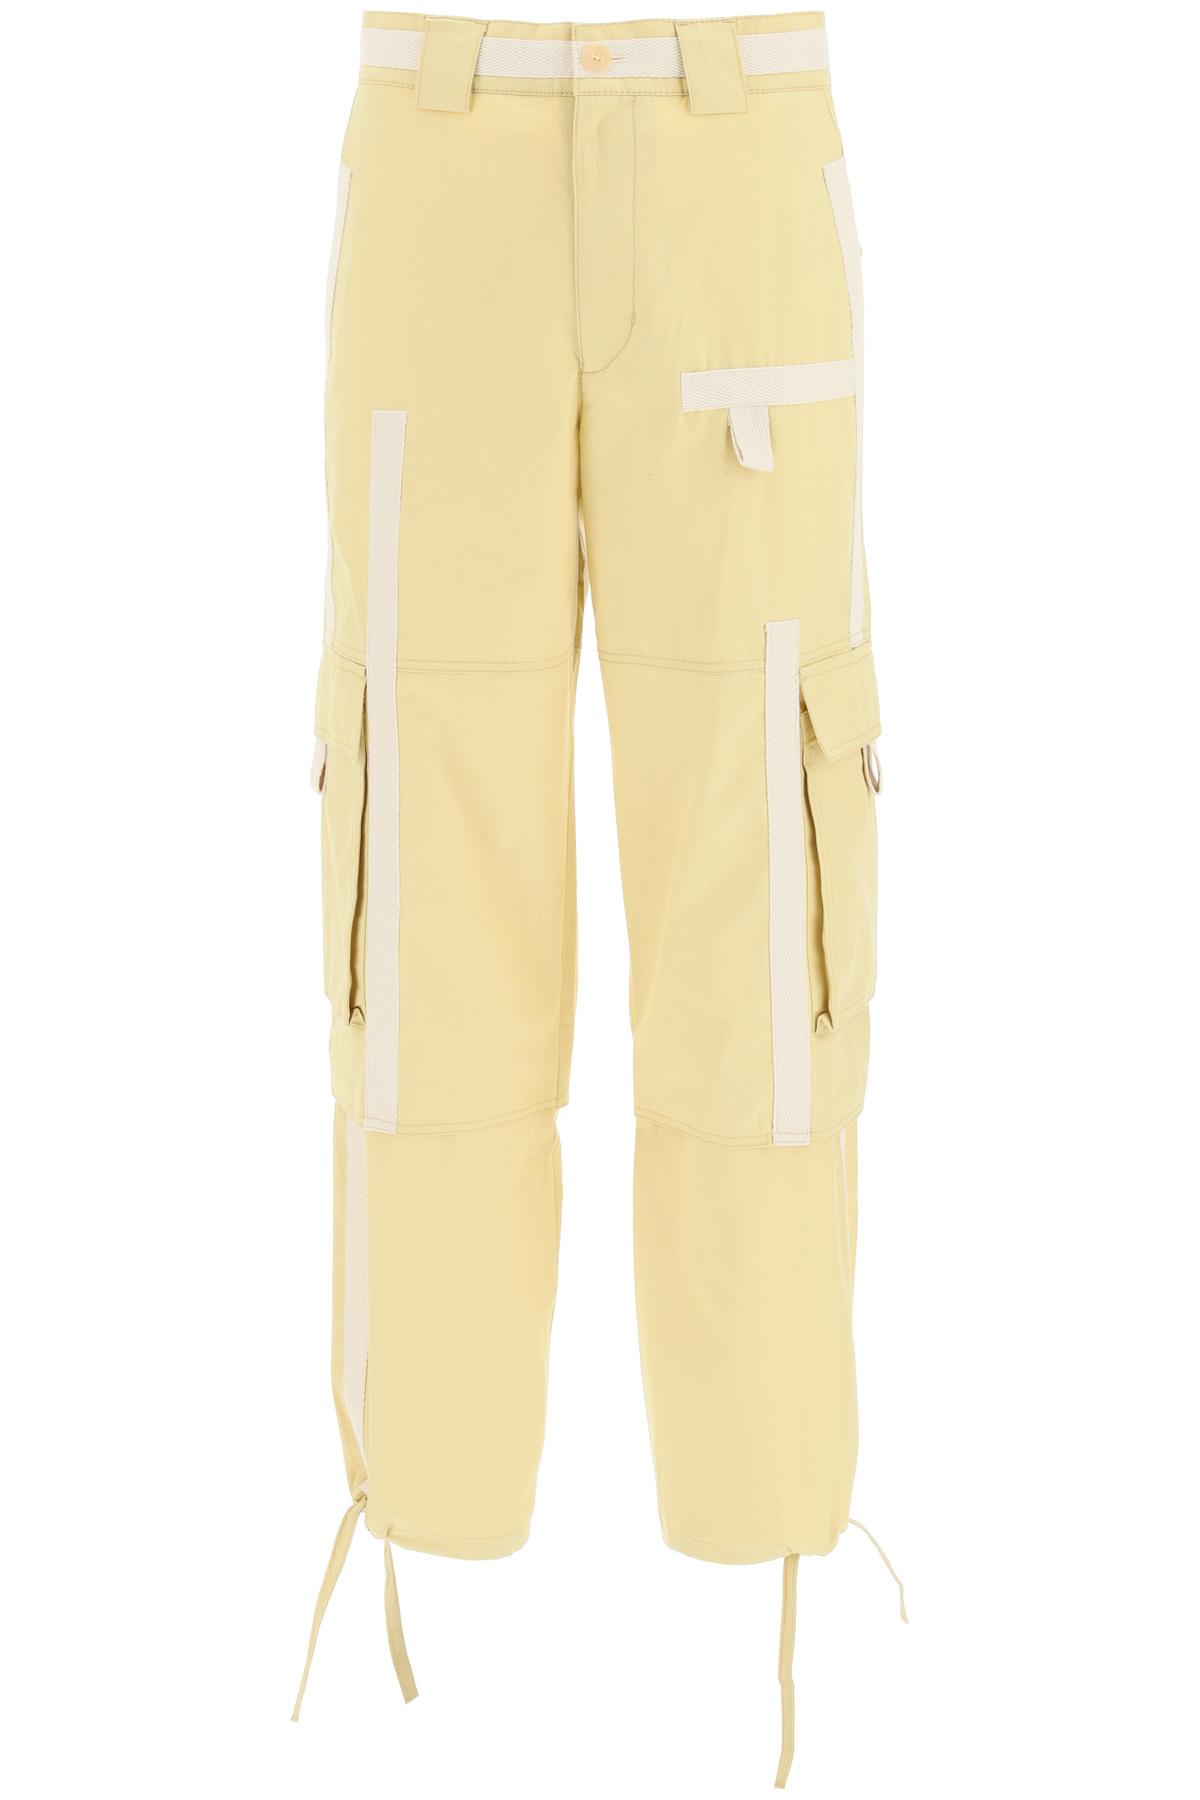 Jacquemus pantalon grain cargo